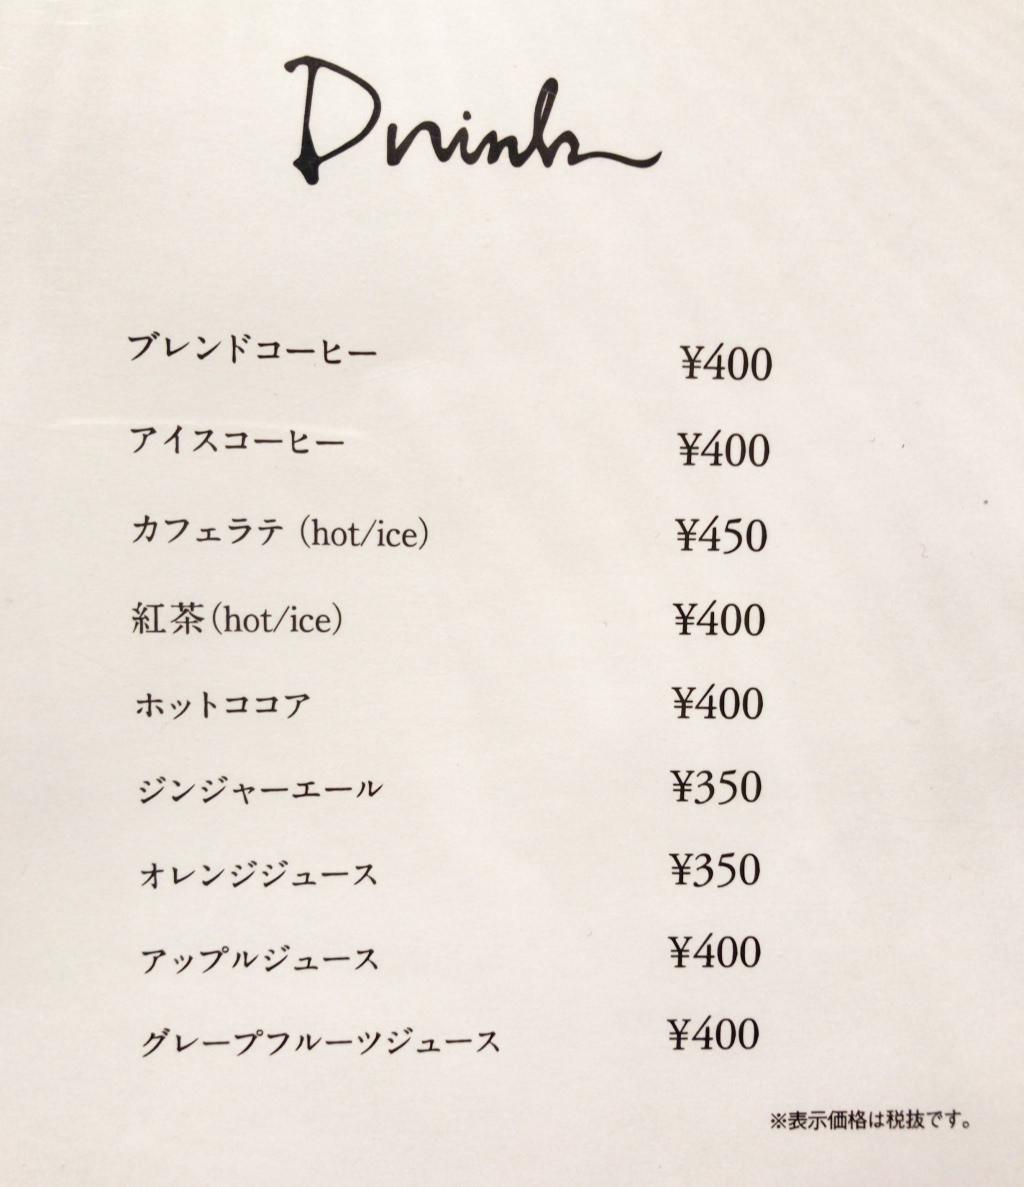 「治一郎 静岡パルコ店」のカフェのドリンクメニュー